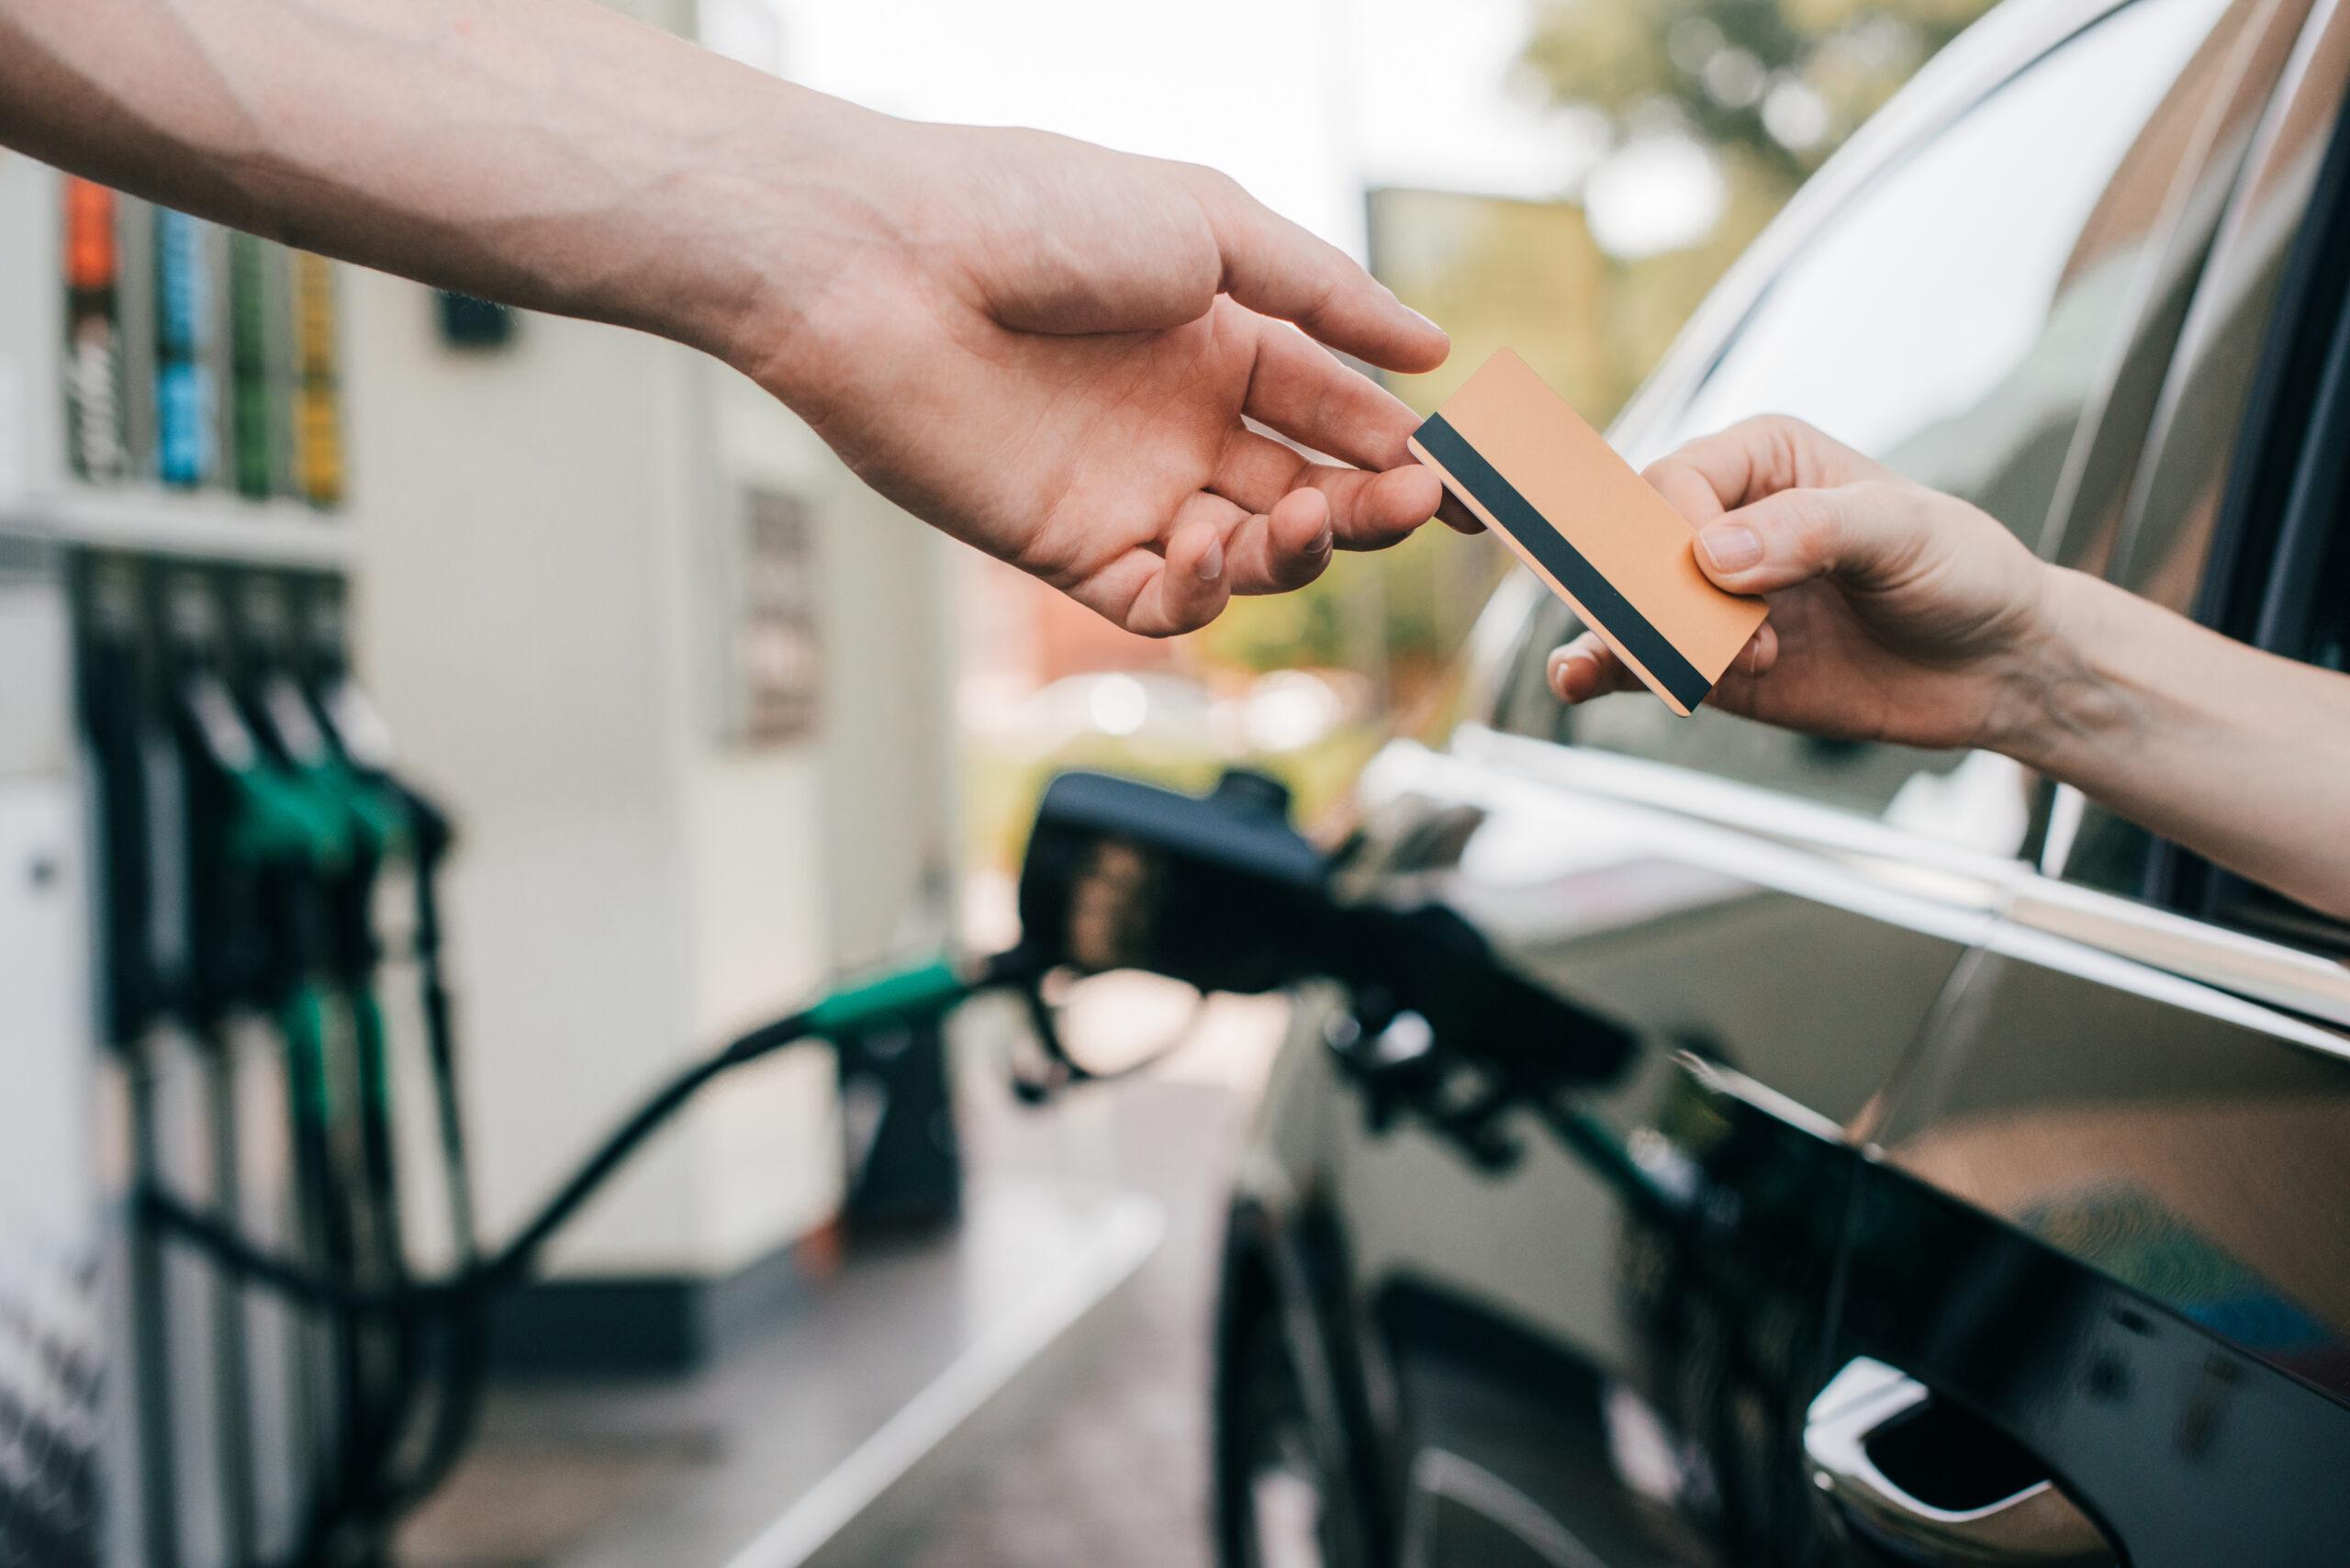 Cliente entrega cartão de pagamento ao colaborador de um posto de combustível